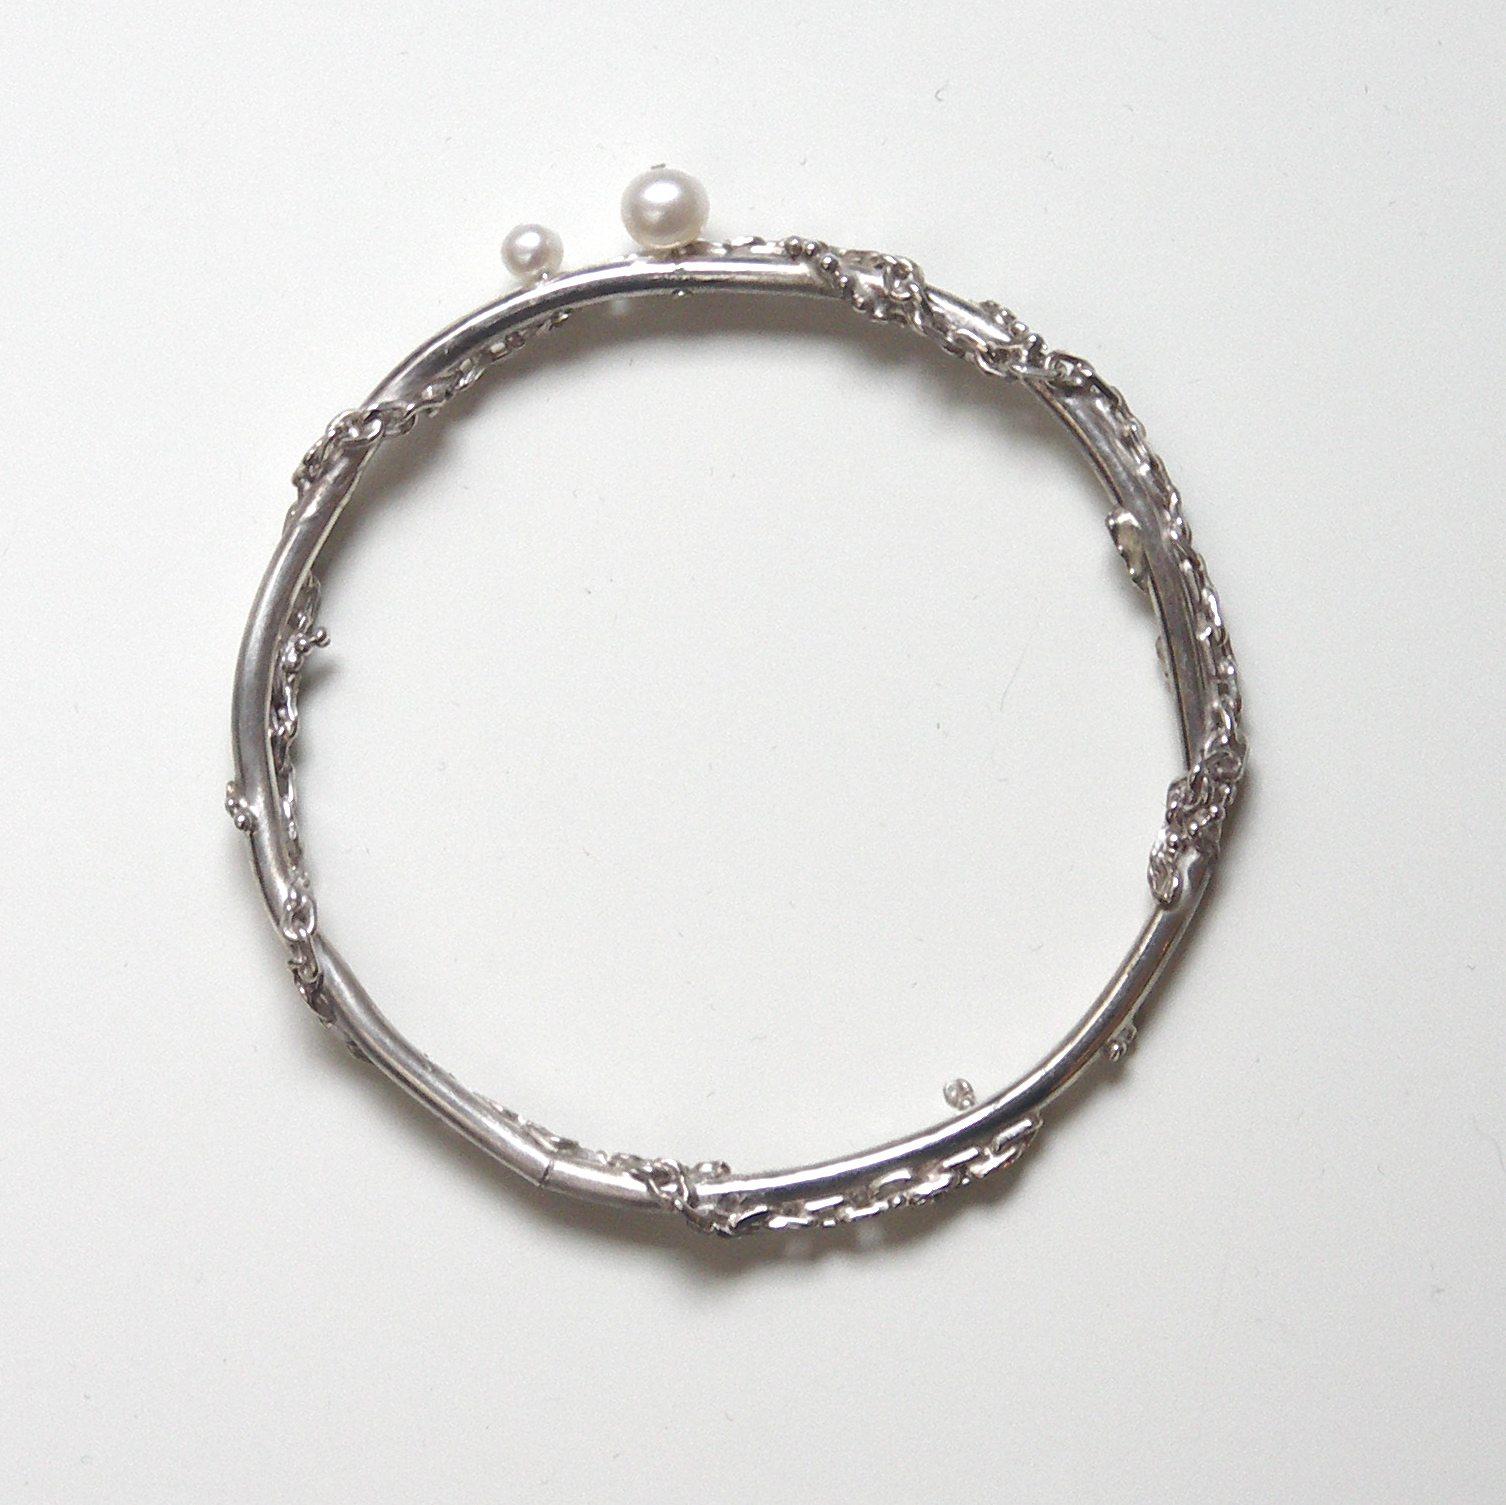 TCB-Tangled chain bangle